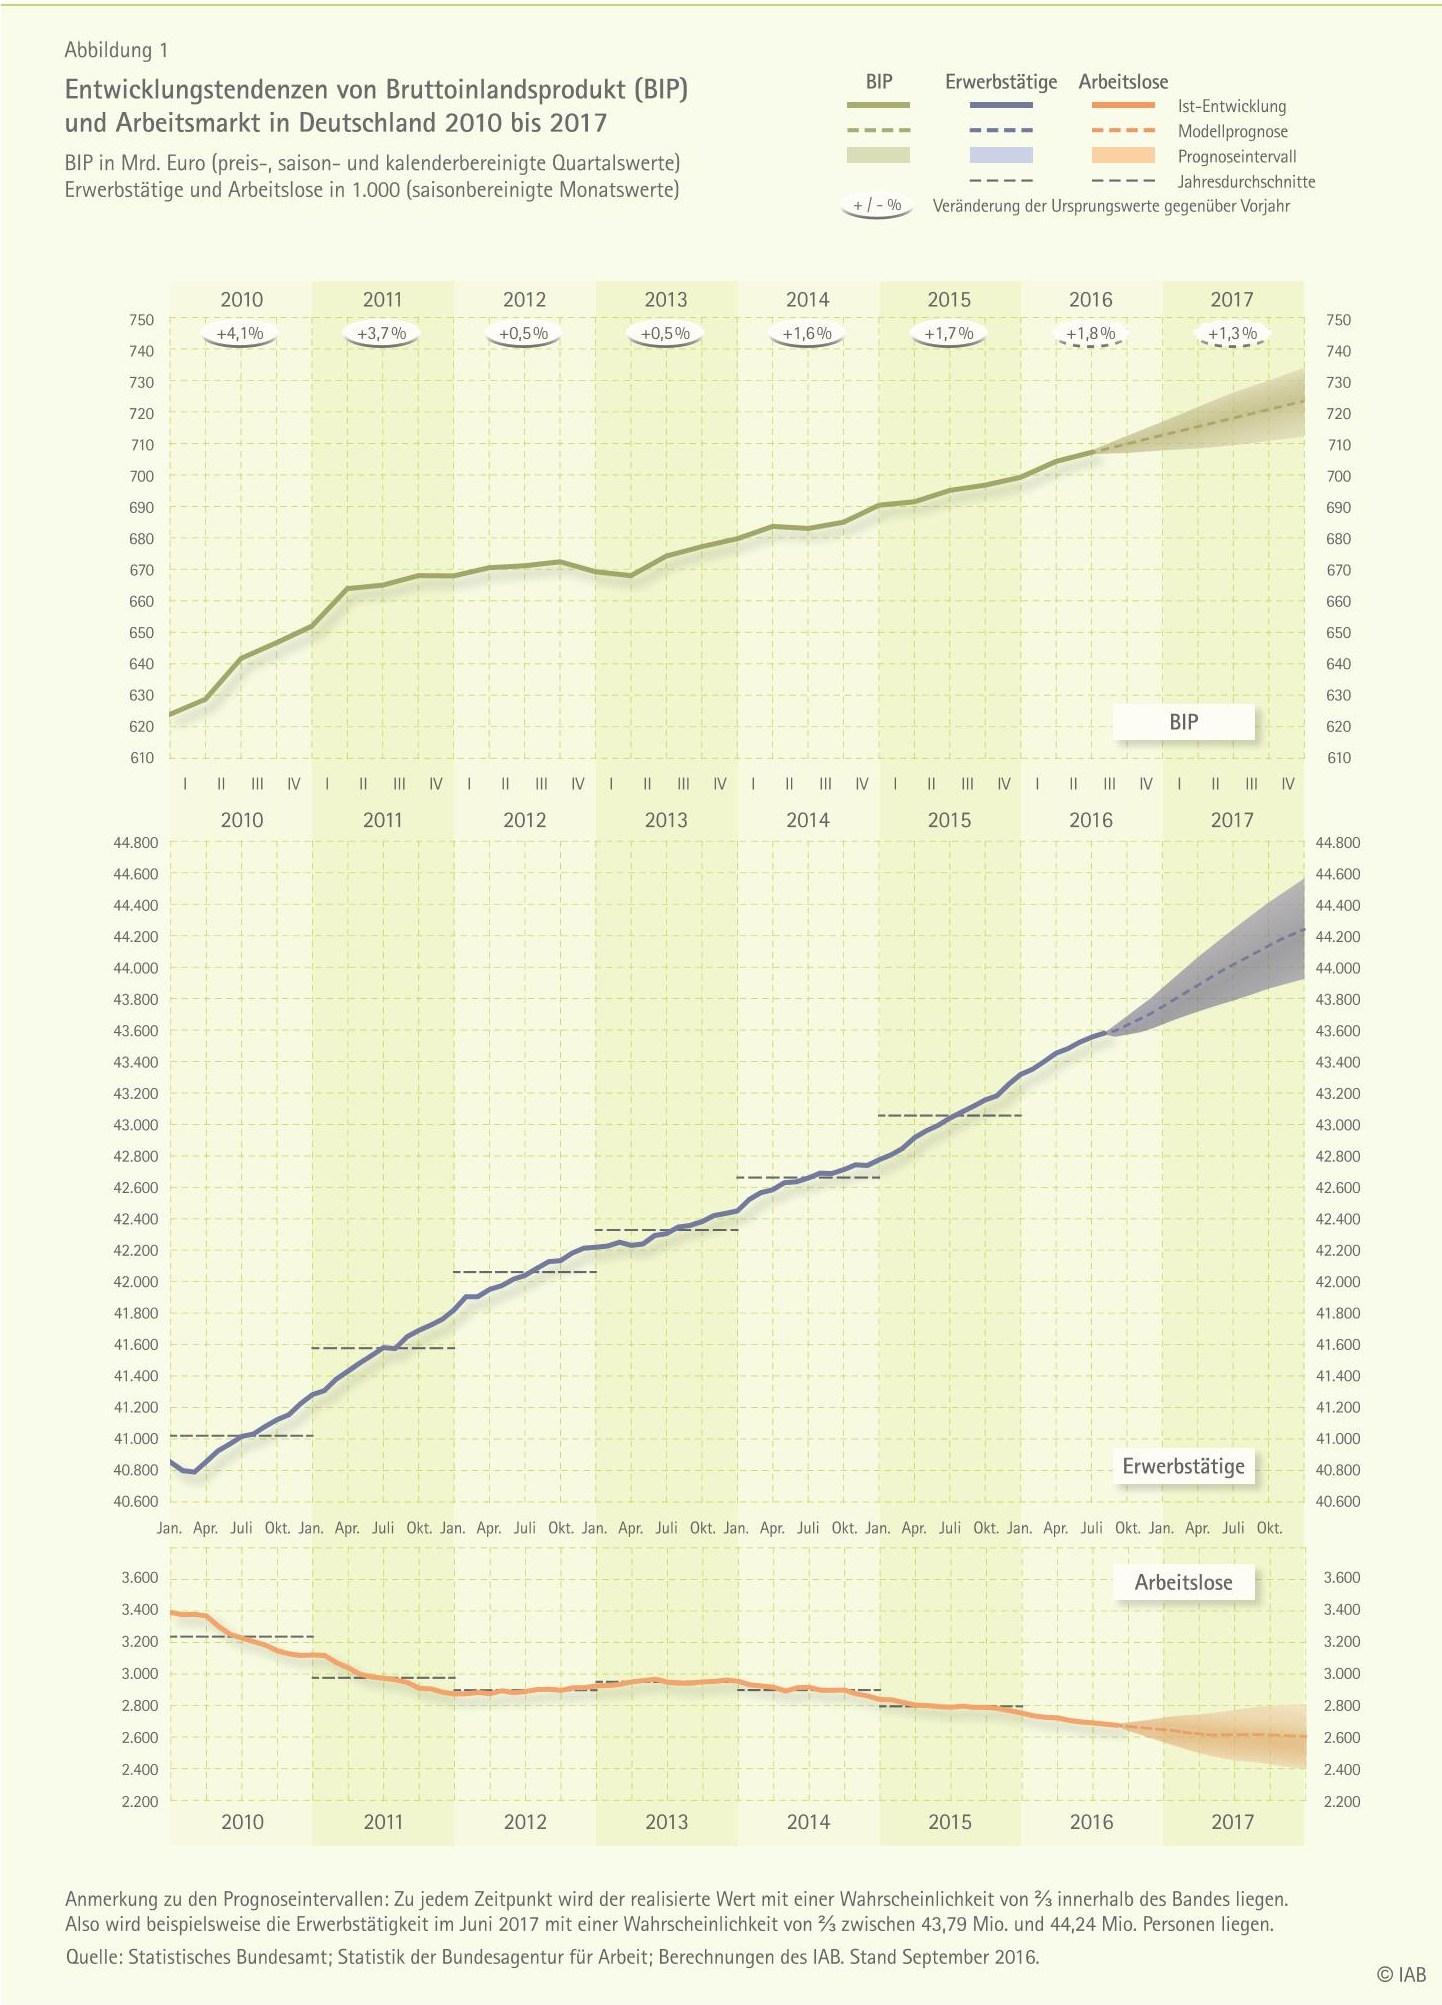 grafik-c-iab-bip-erwerbstaetige-arbeitlose-2010-2017